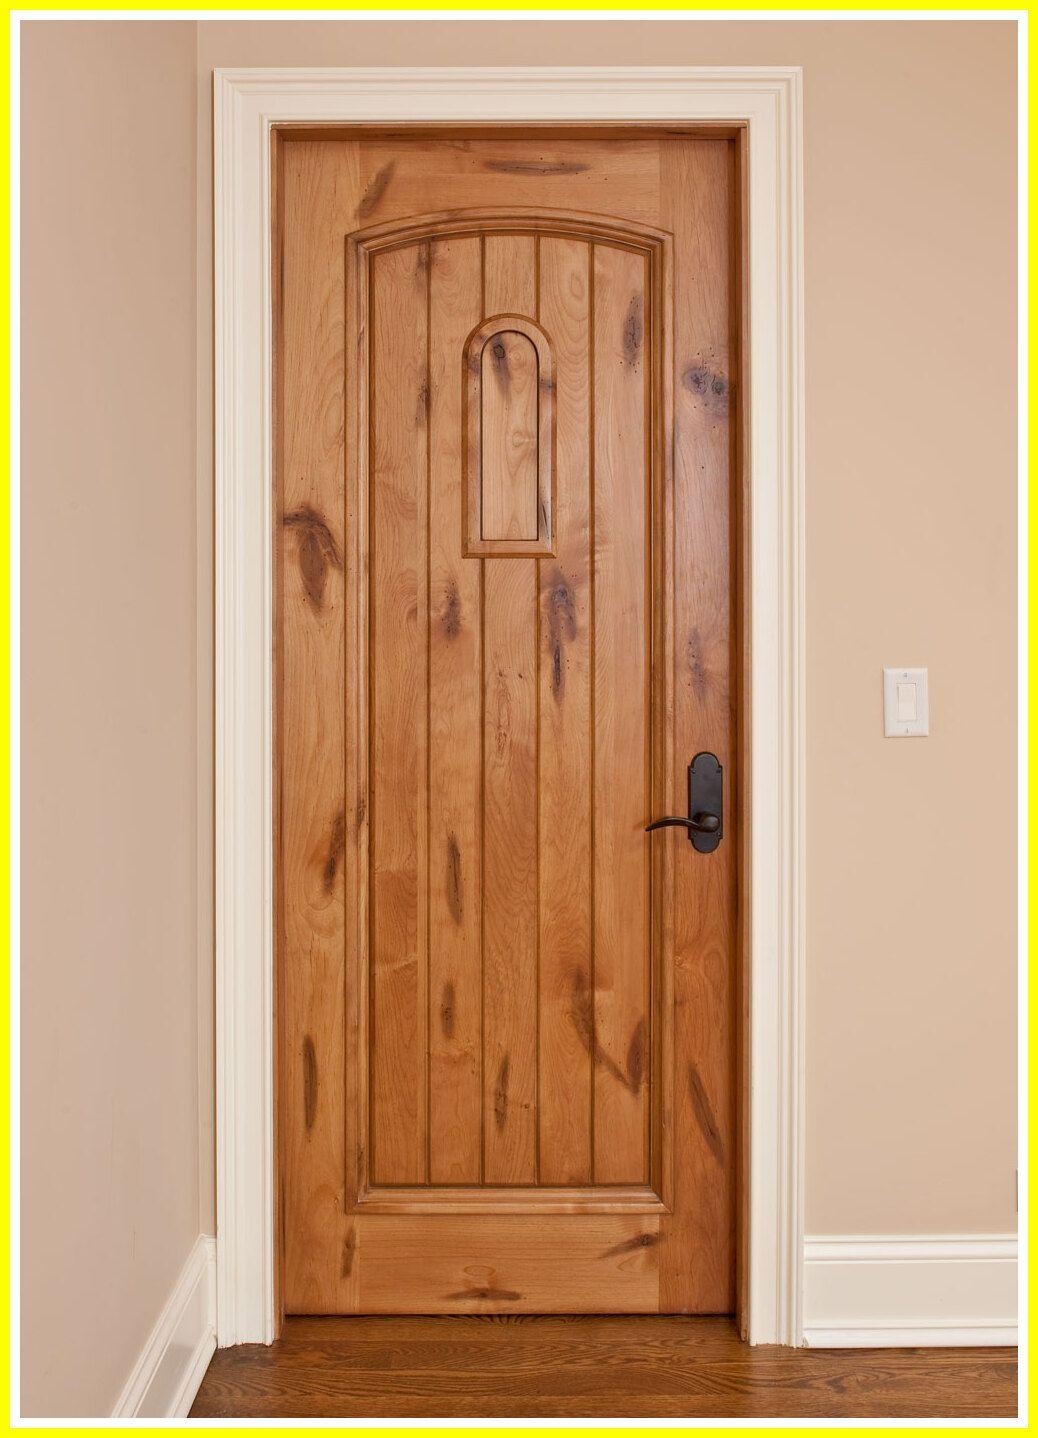 10 reference of interior solid wood bedroom door  Door design